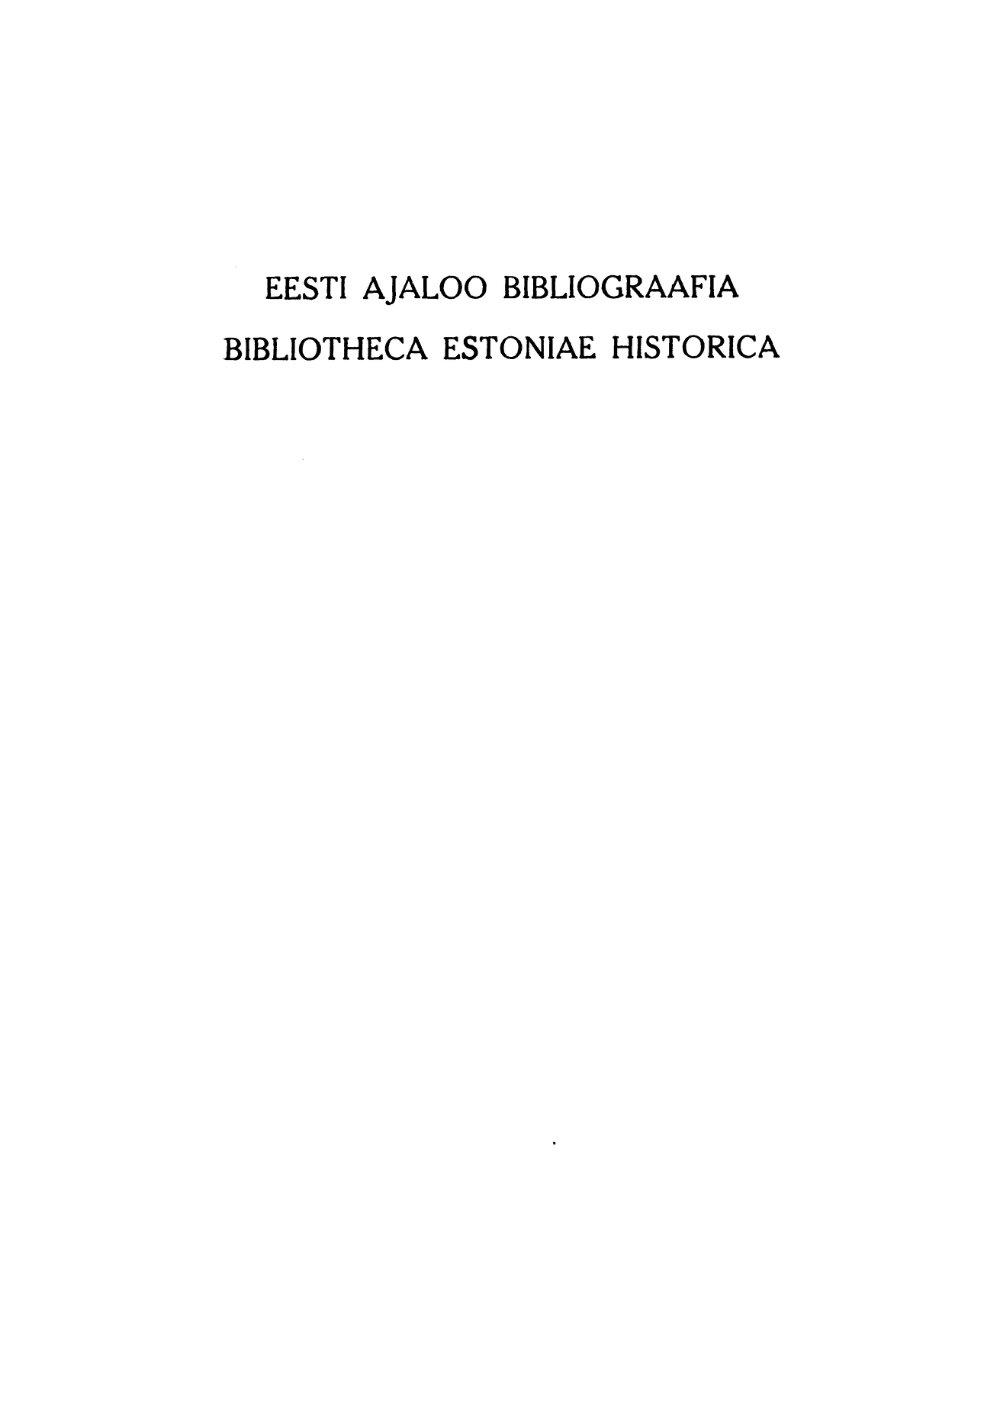 bsb00000446_00001.jpg